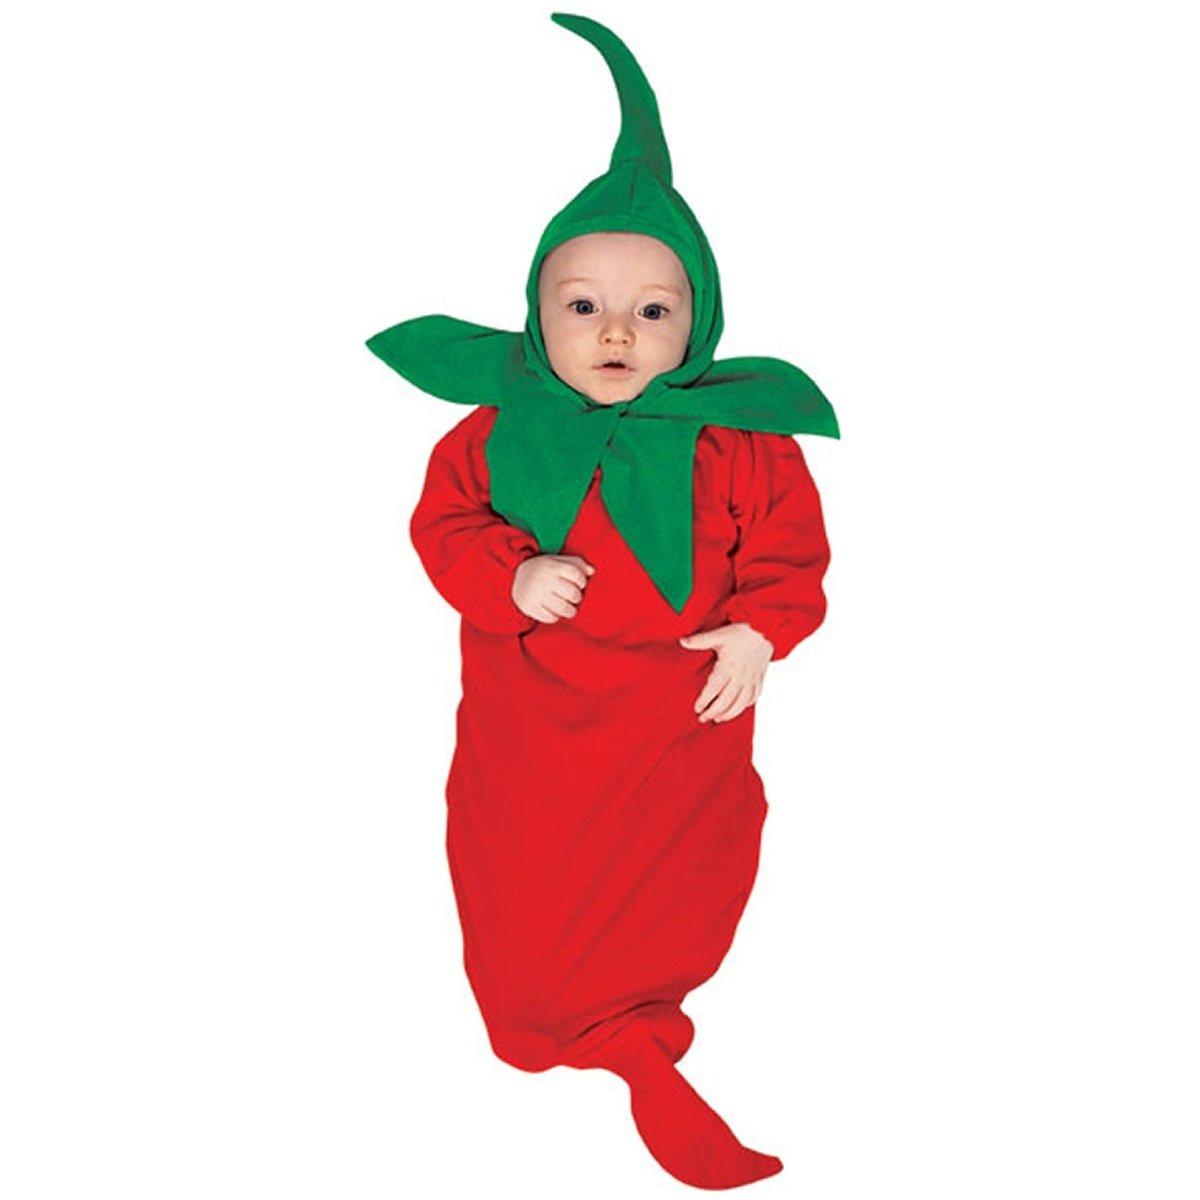 Chili Pepper Bunting - Newborn